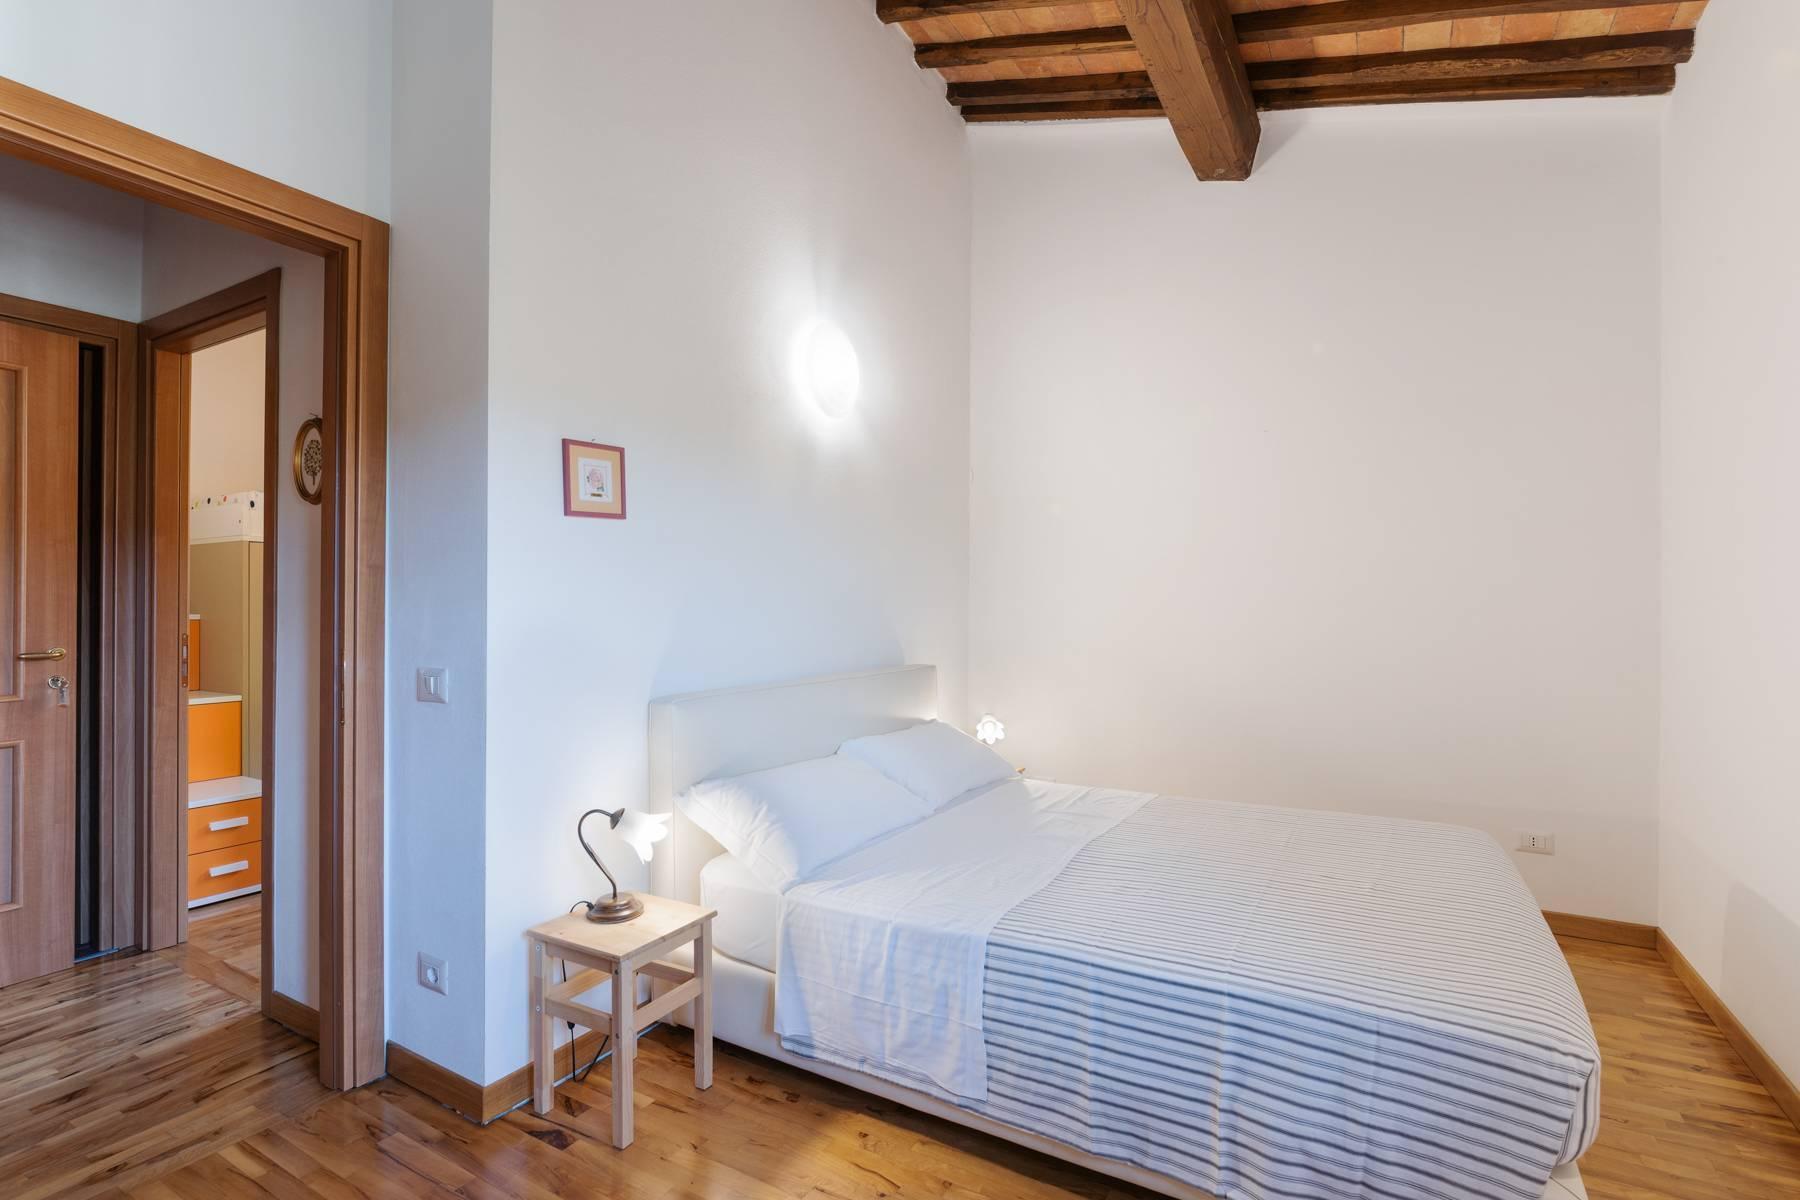 Charmante maison de campagne avec piscine sur les collines toscanes - 21